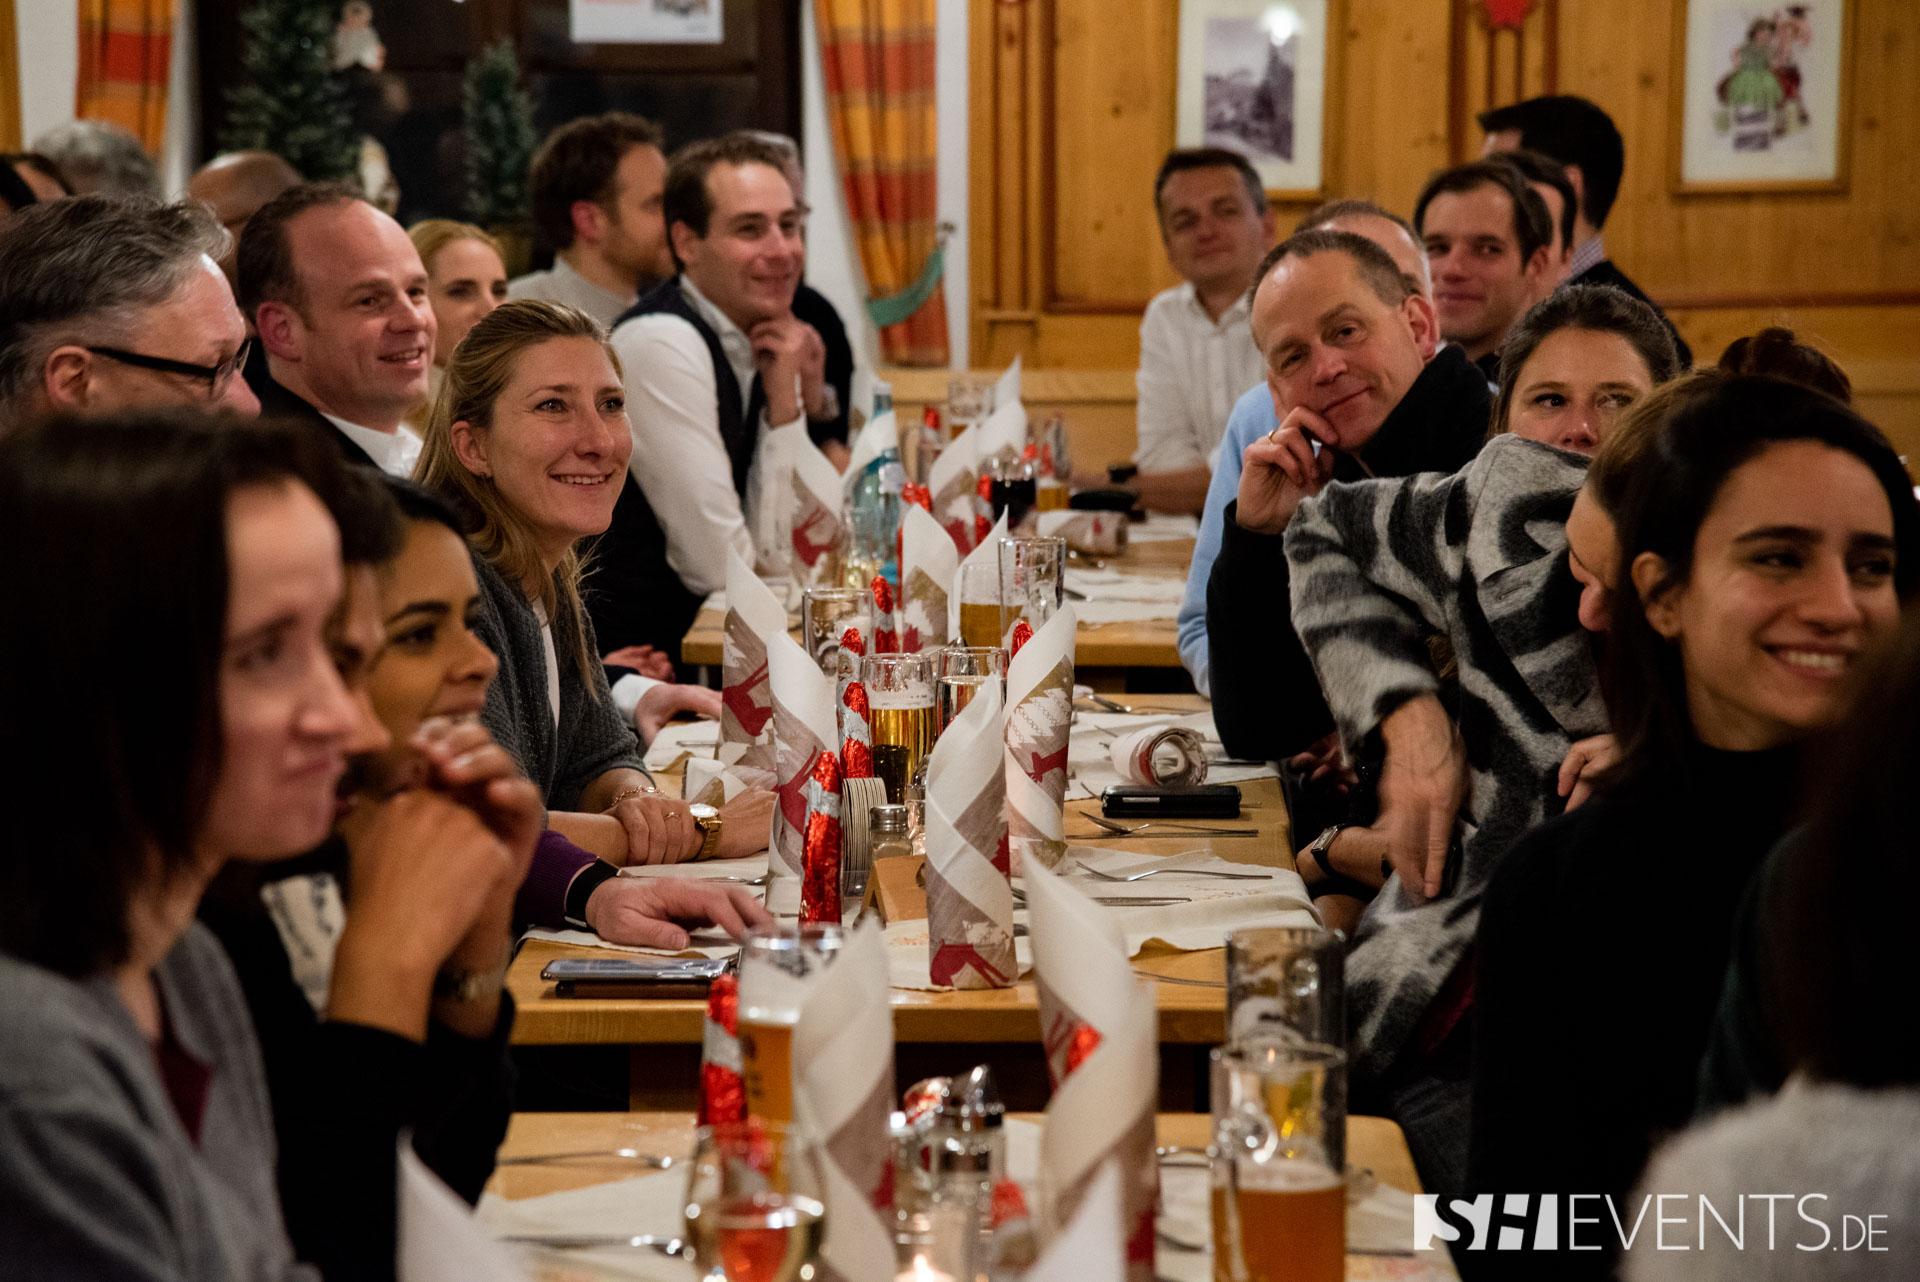 Gäste am Tisch lauschen einer Ansprache